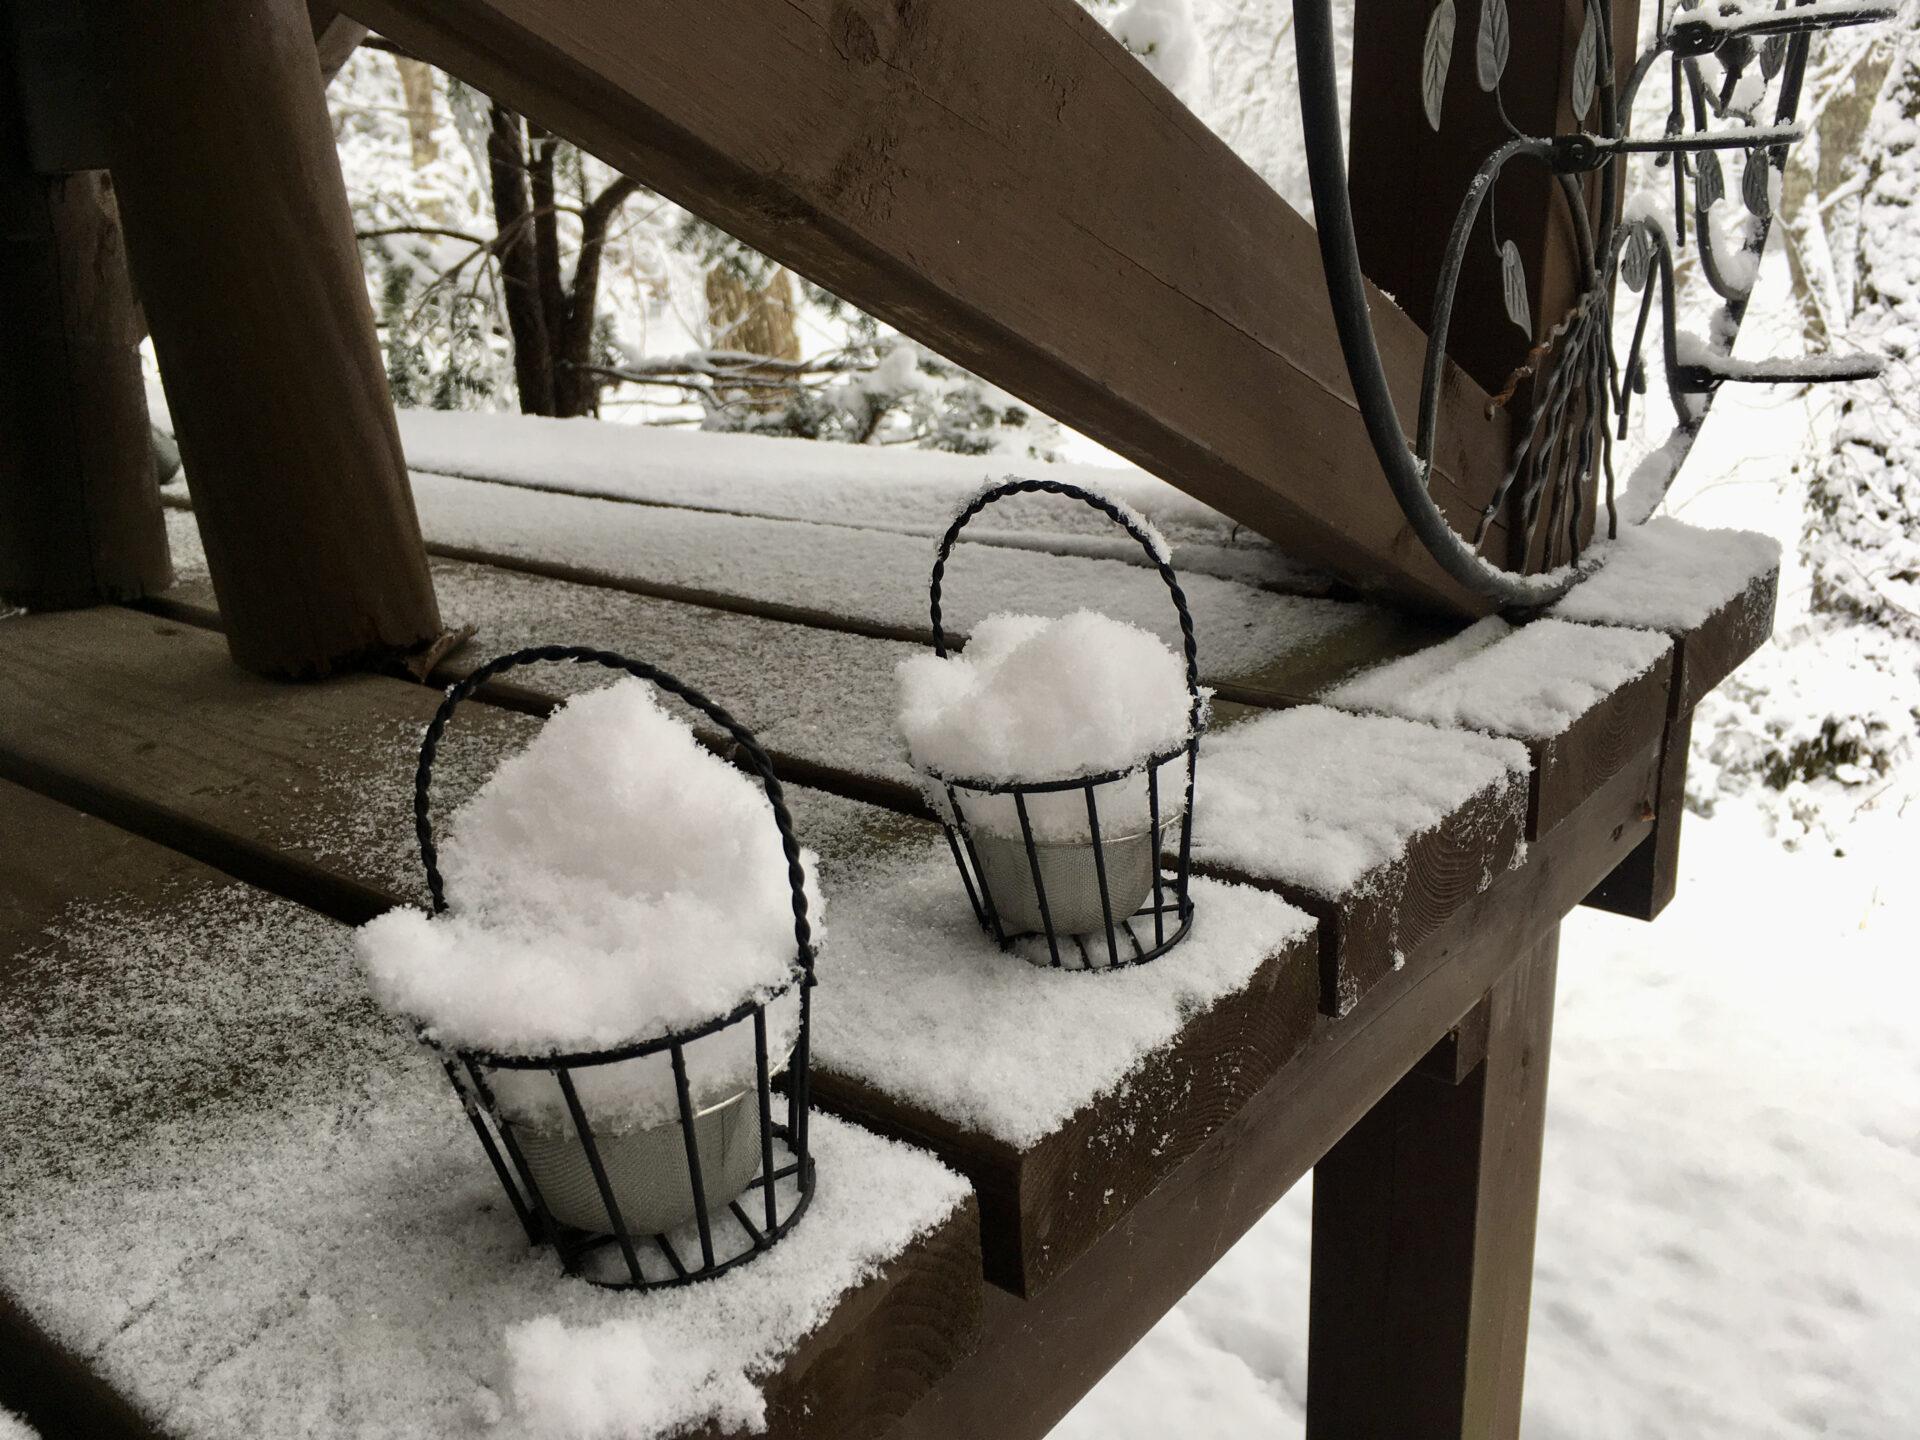 軽井沢の野鳥の餌カゴの雪